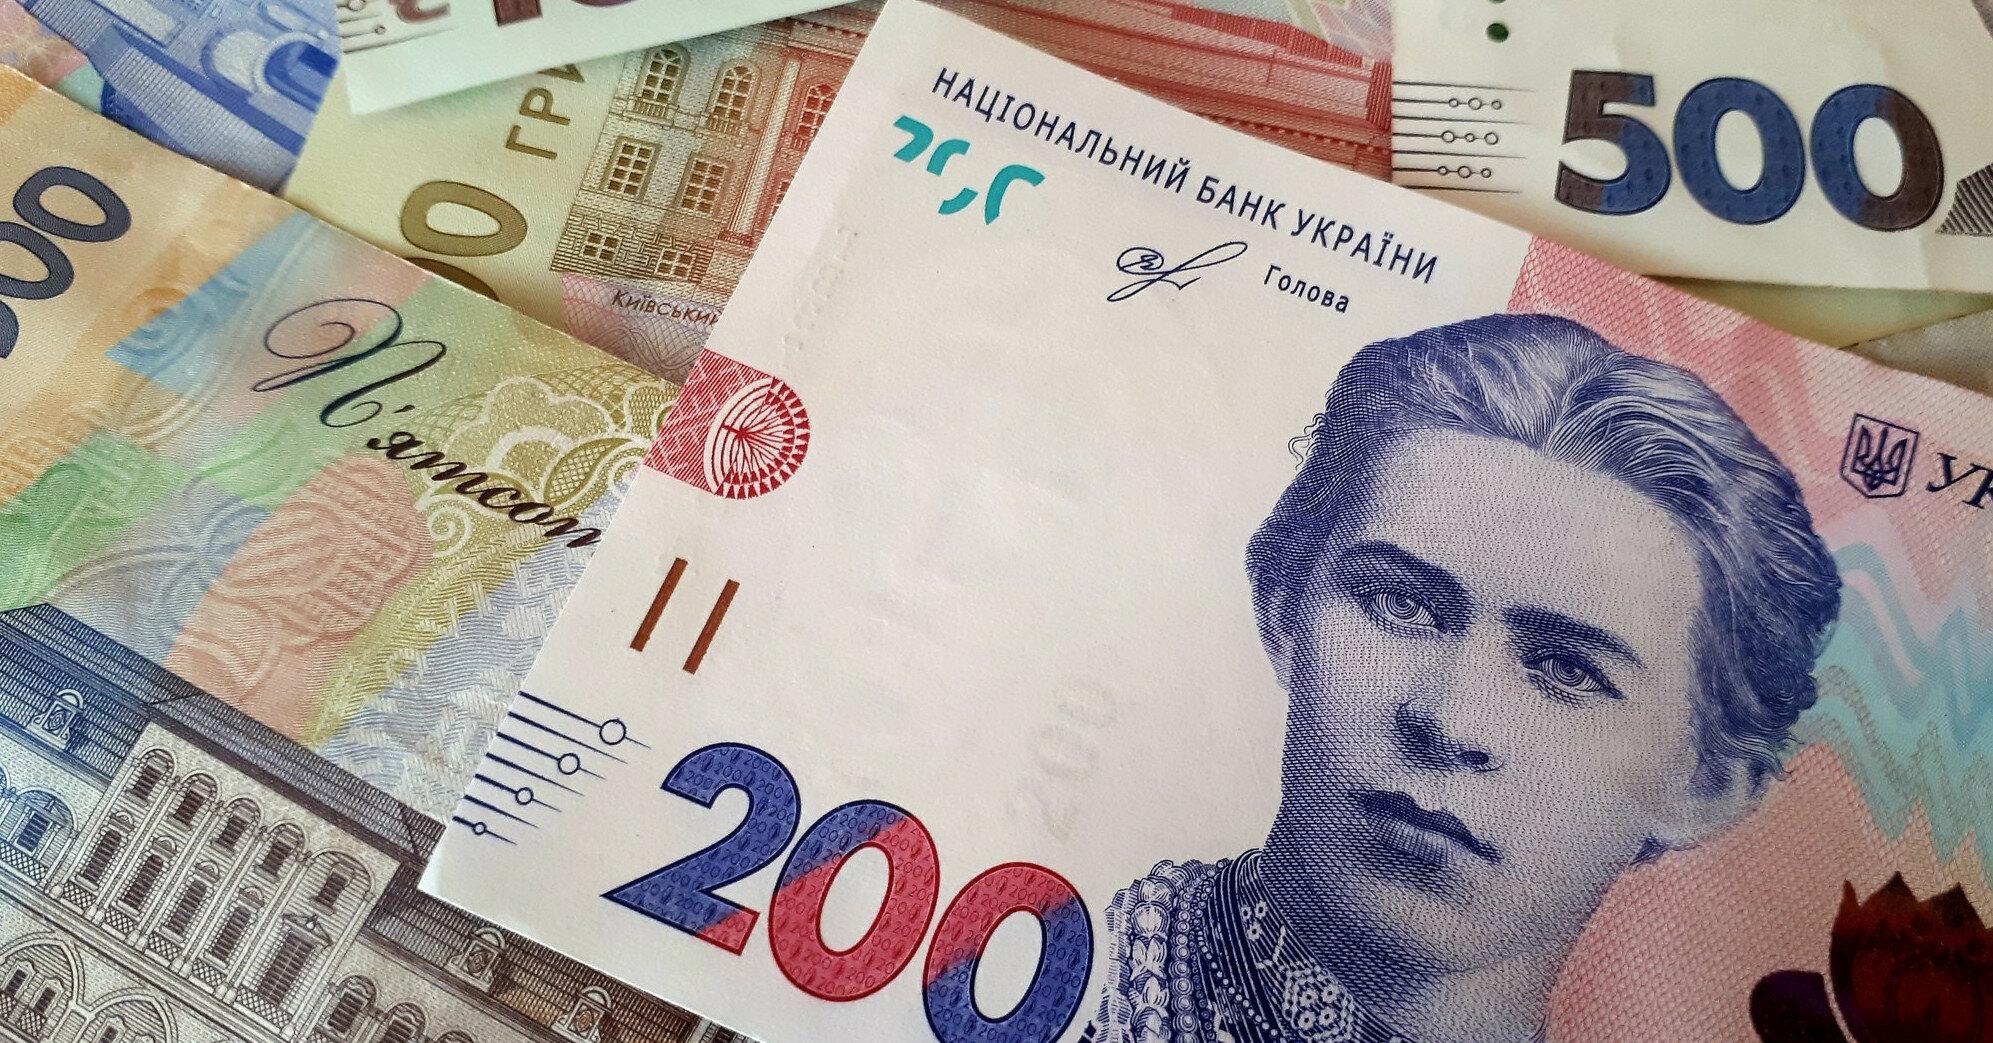 Доступные кредиты: объем выданных средств приблизился к 50 млрд грн